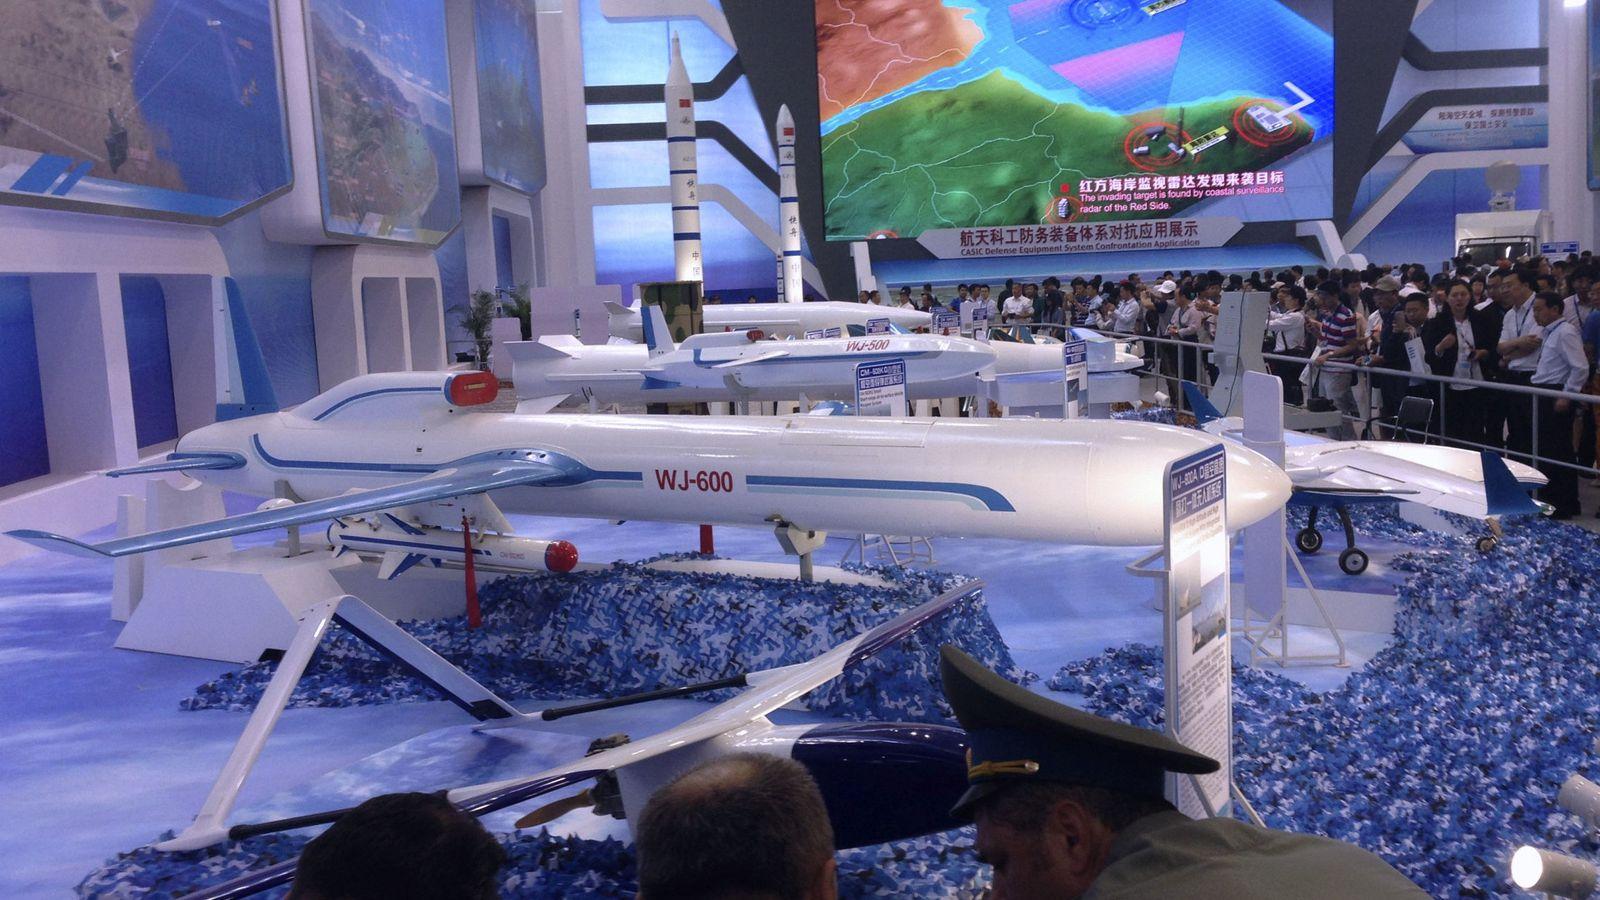 Foto: Foto de archivo de prototipos de AVIC en una feria aeronáutica en China. (EFE)